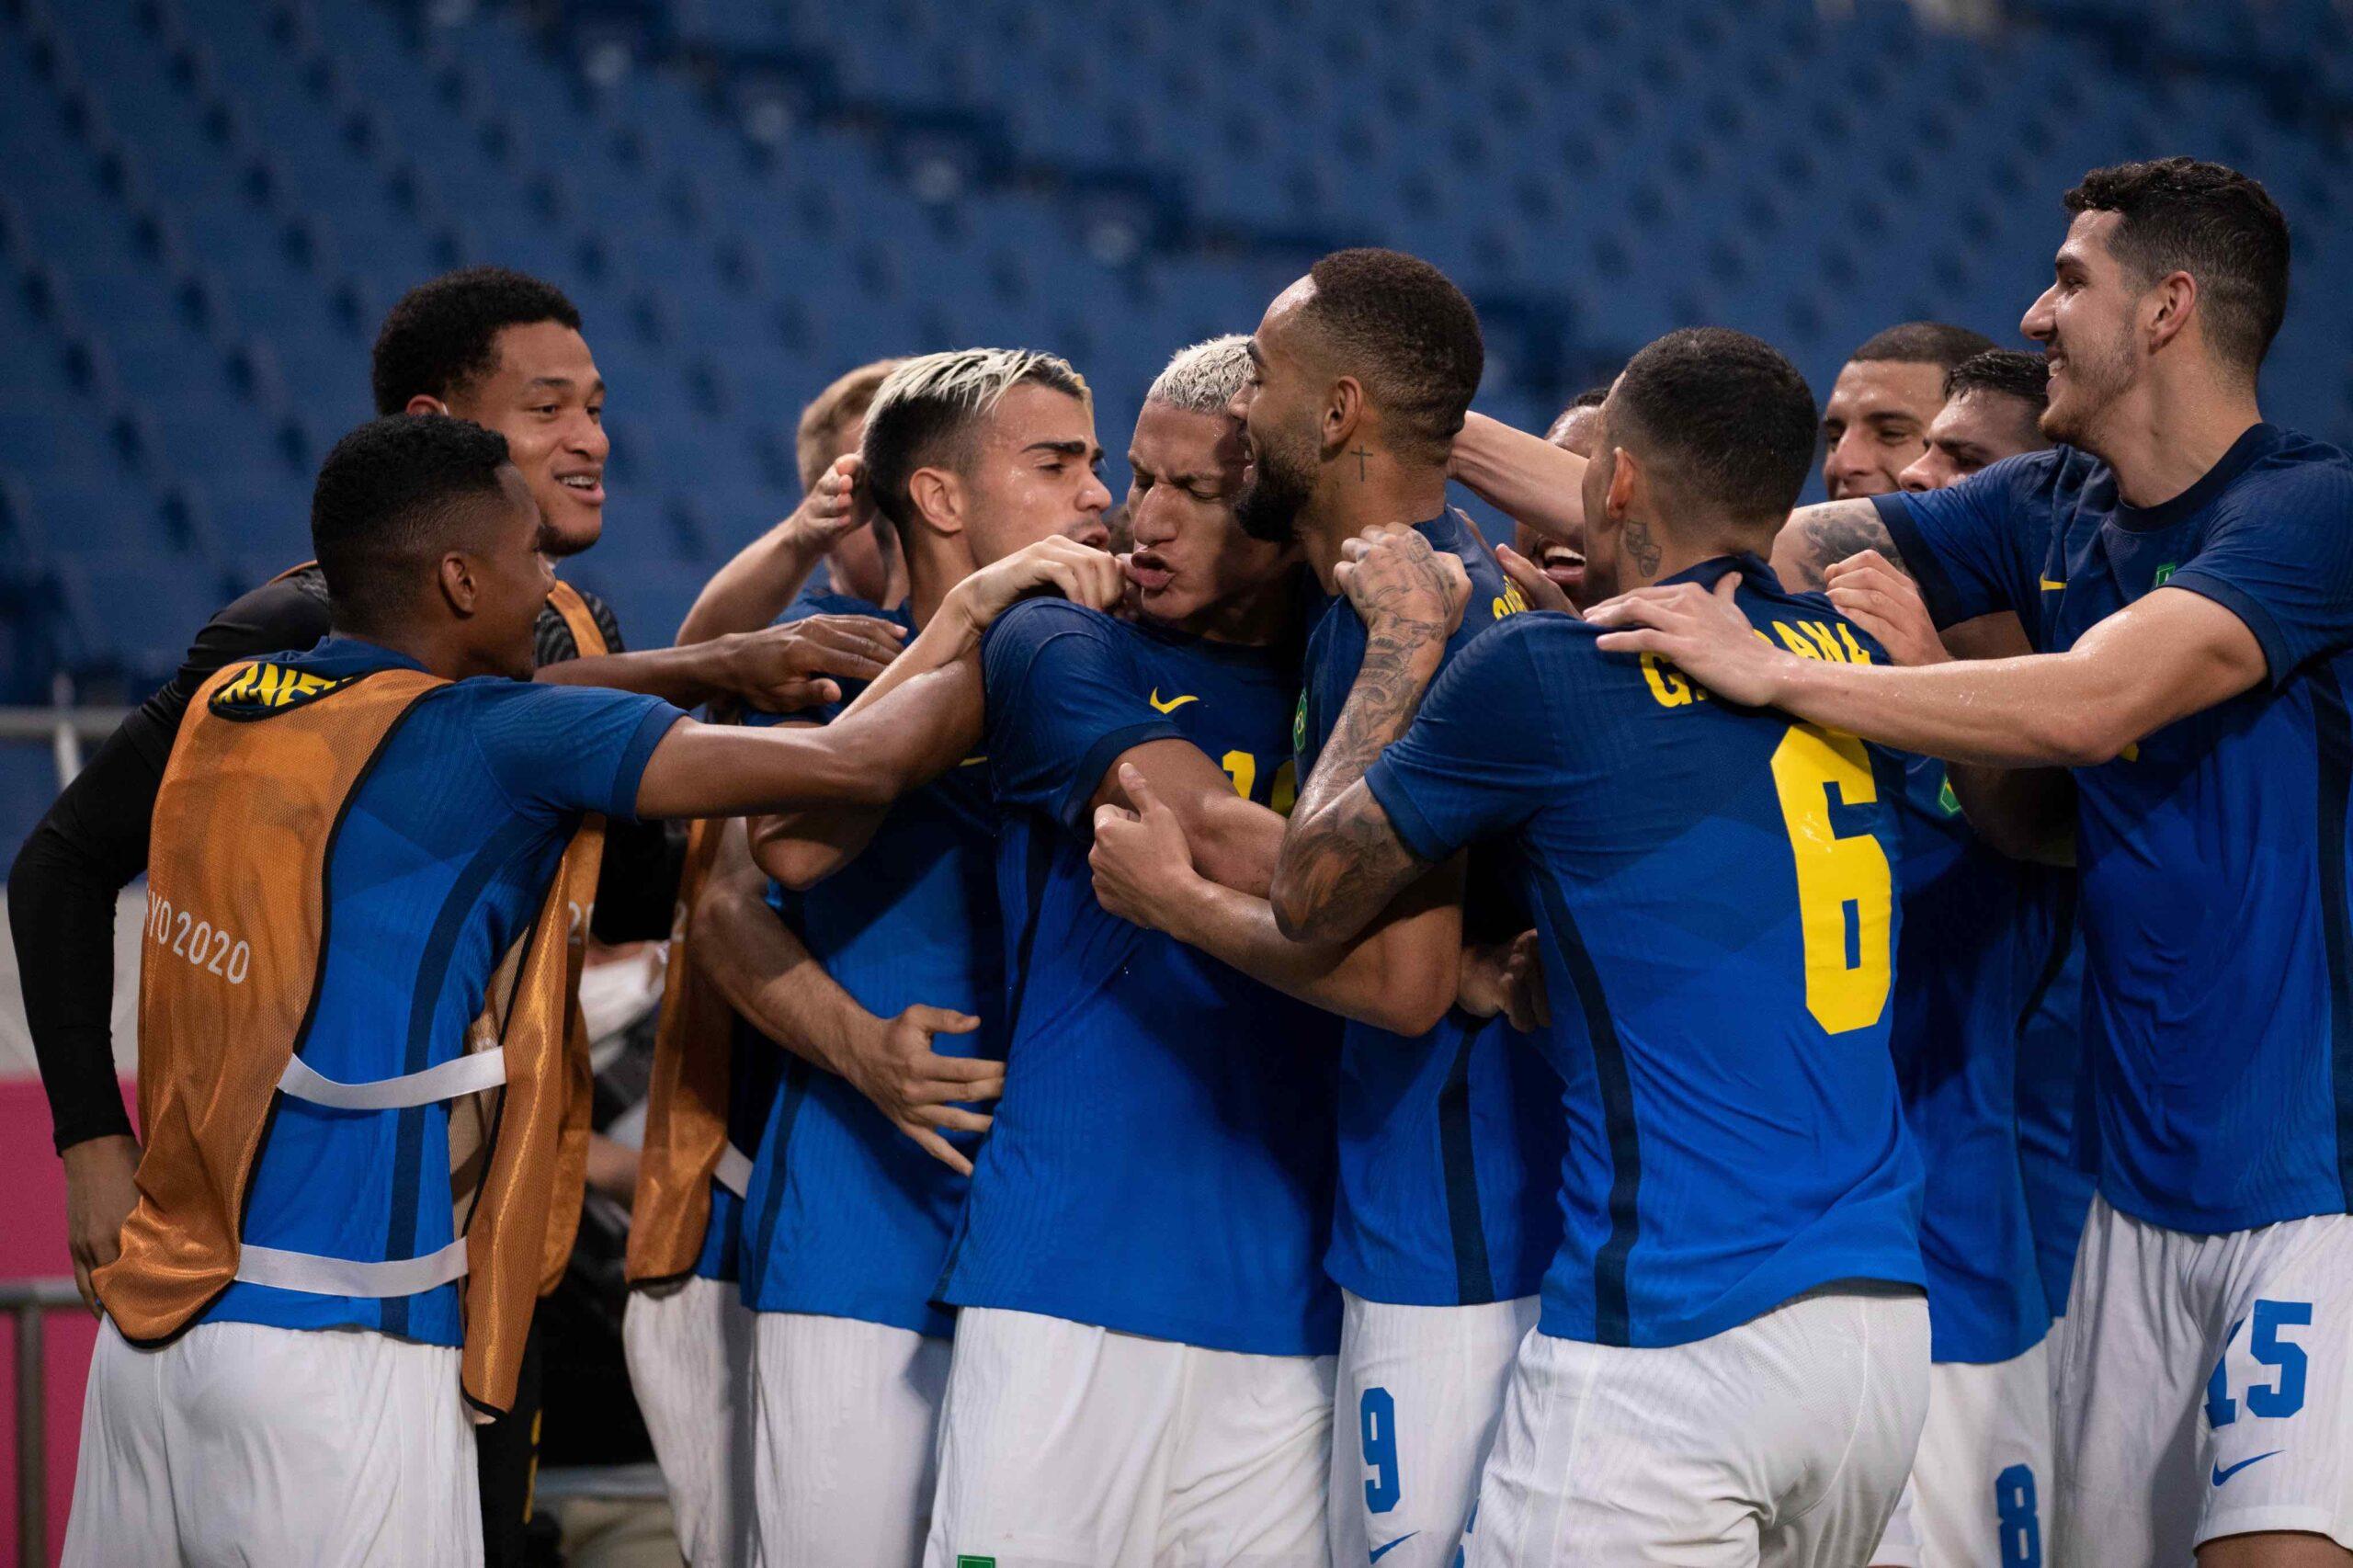 Brasil vence Árabia Saudita por 3×1 e avança às quartas de final